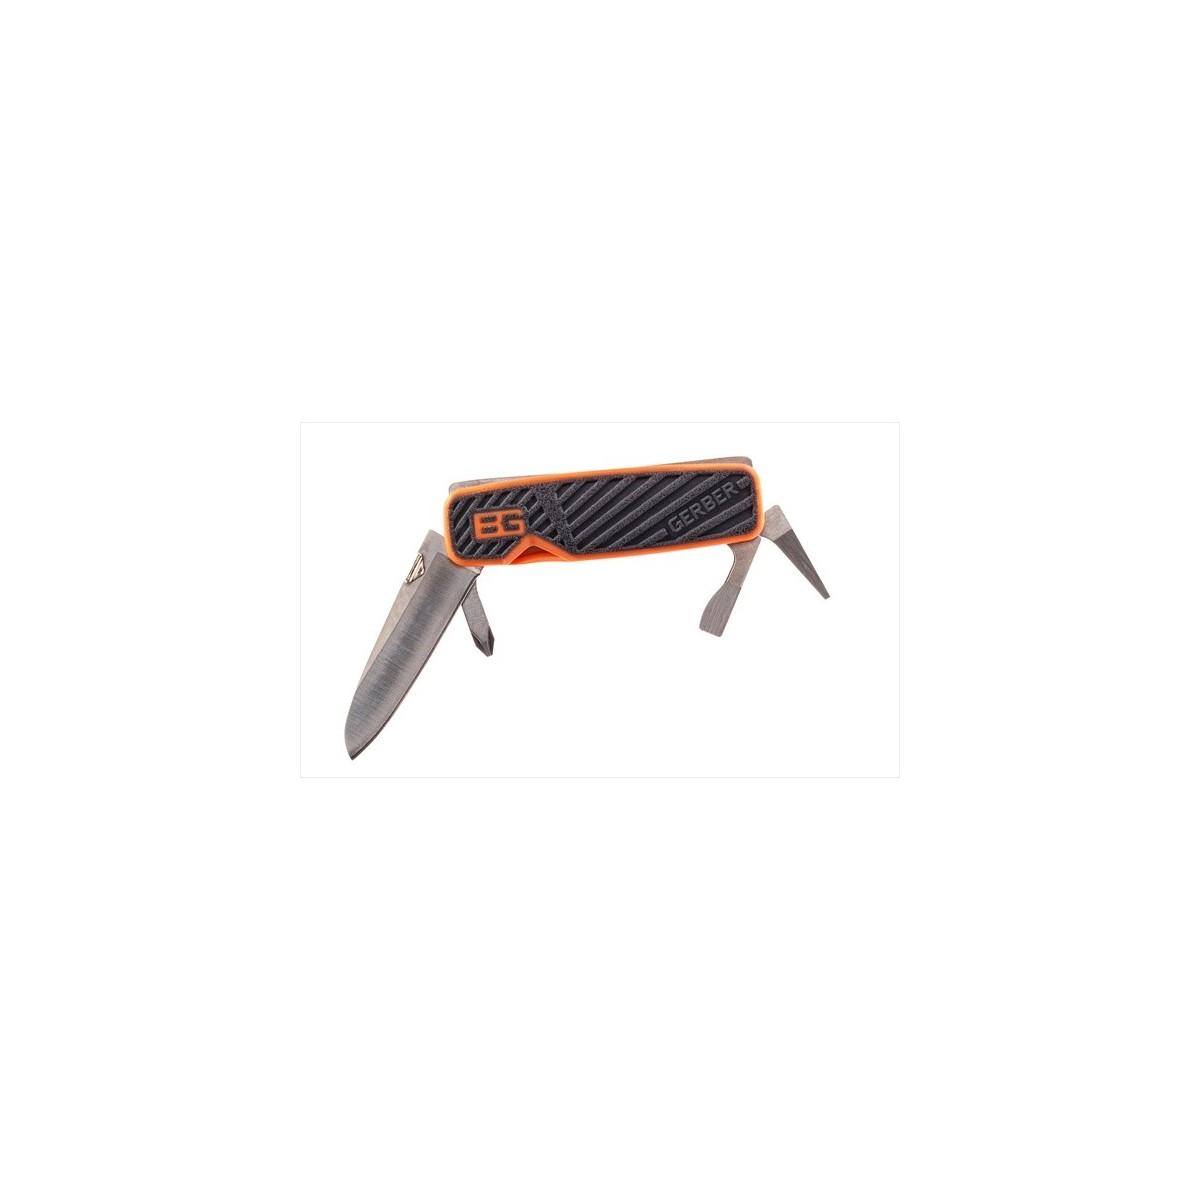 มีดพับ Gerber Bear Grylls Pocket Tool Multi-Tool 31-001050